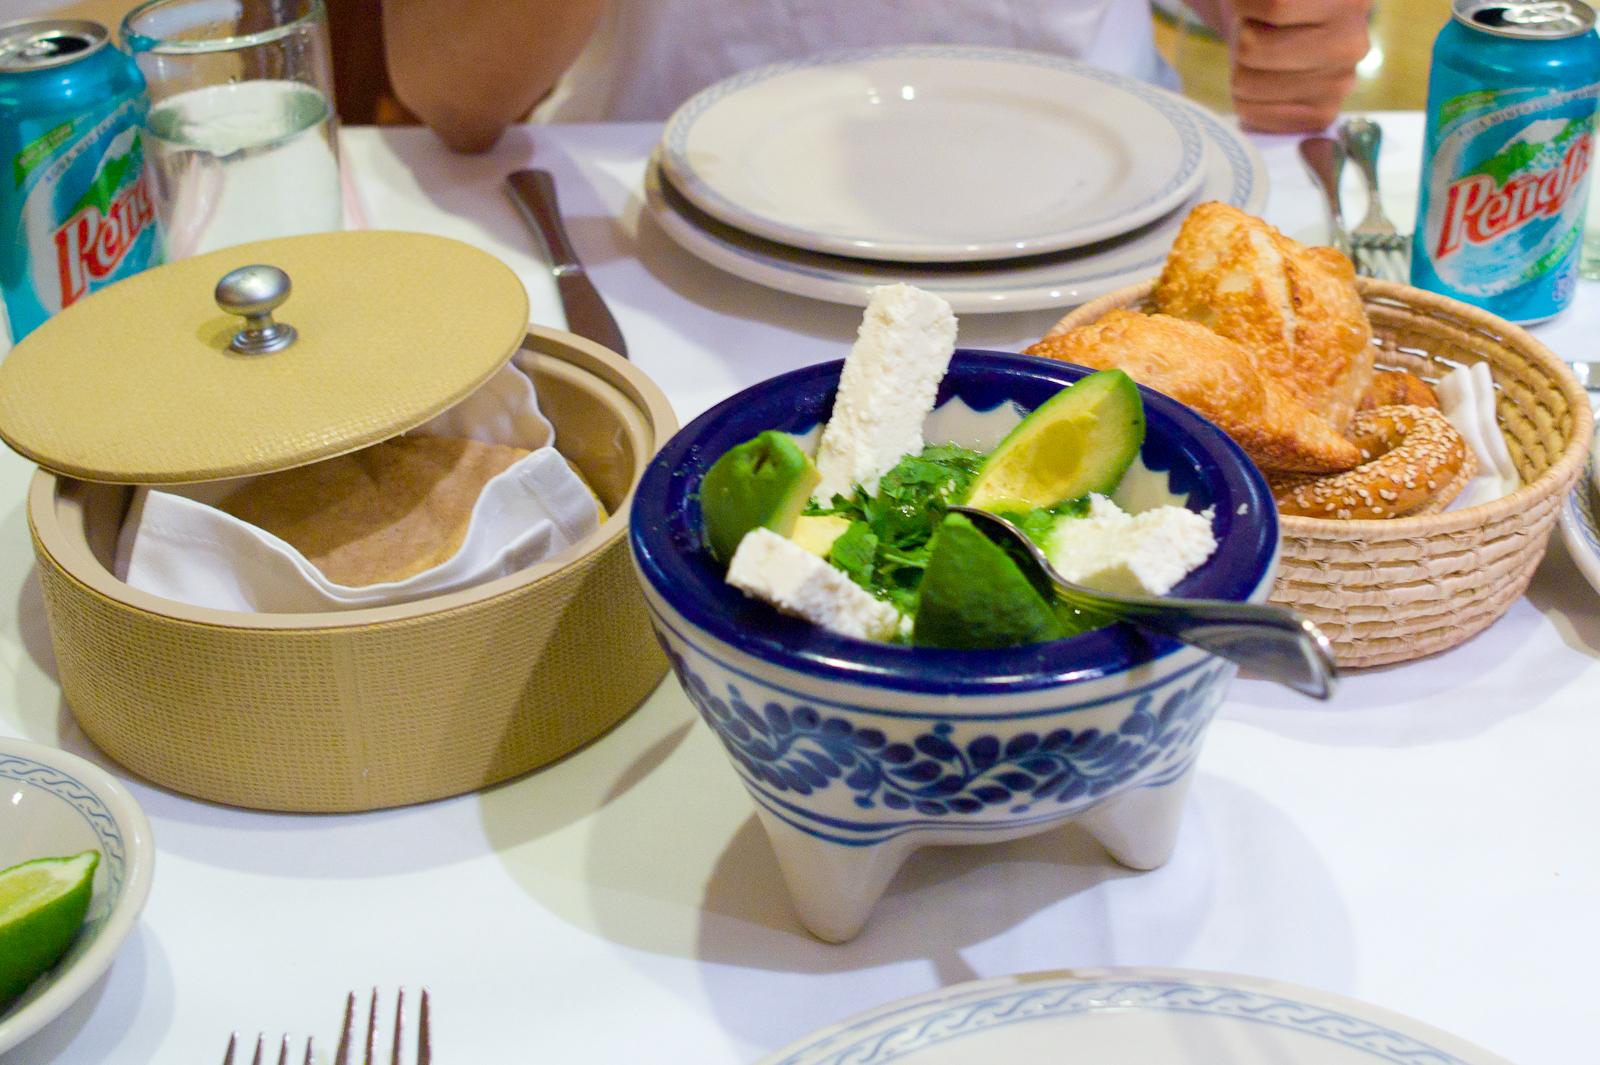 Avocado, queso fresco, salsa verde with fresh corn tortillas